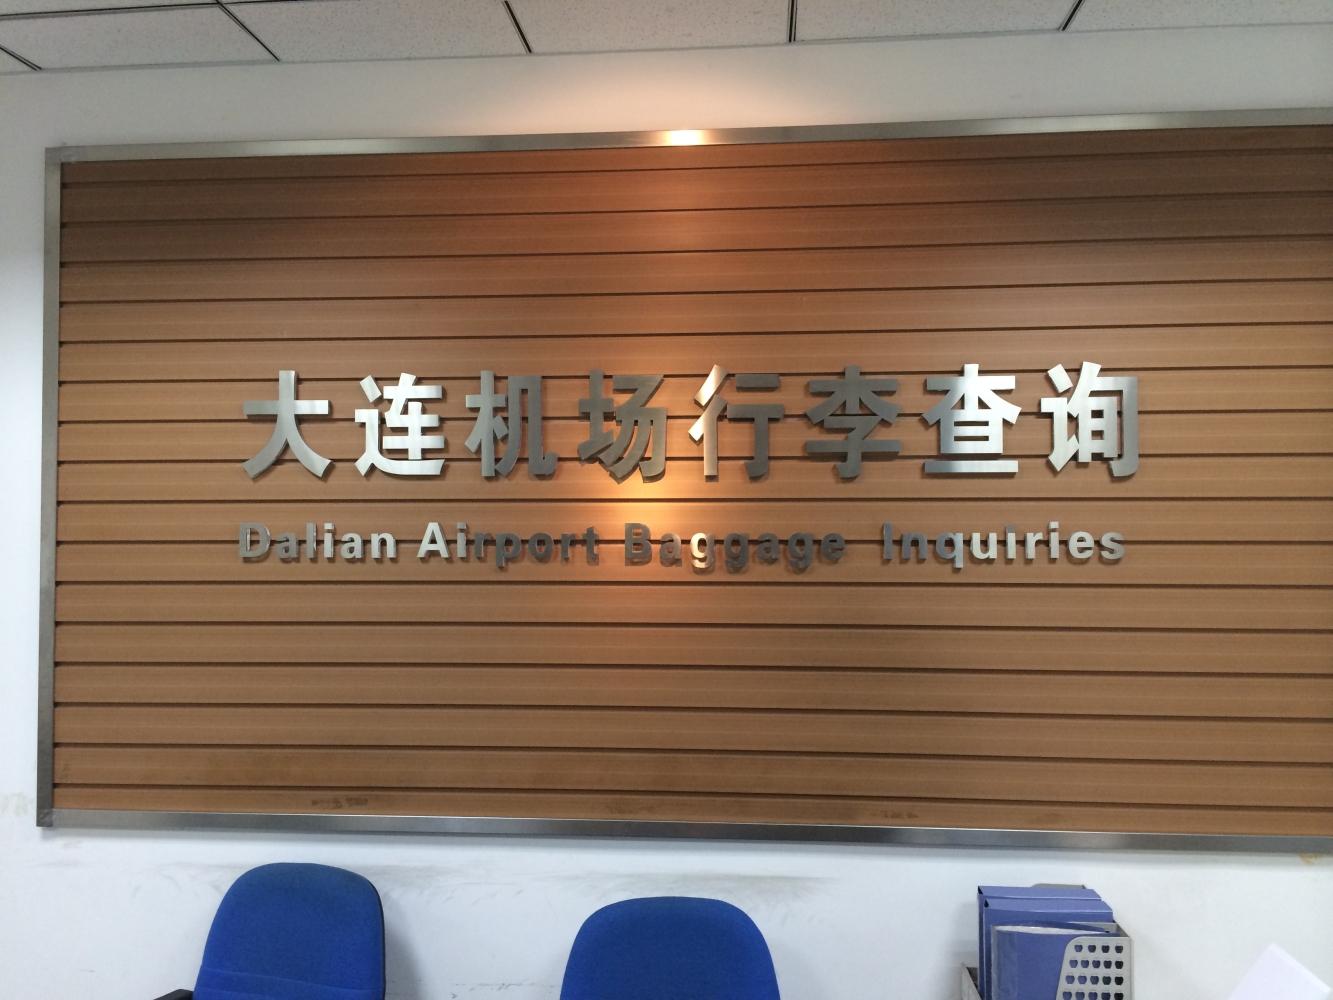 Mein erster Abstecher in China: Die Gepäckermittung